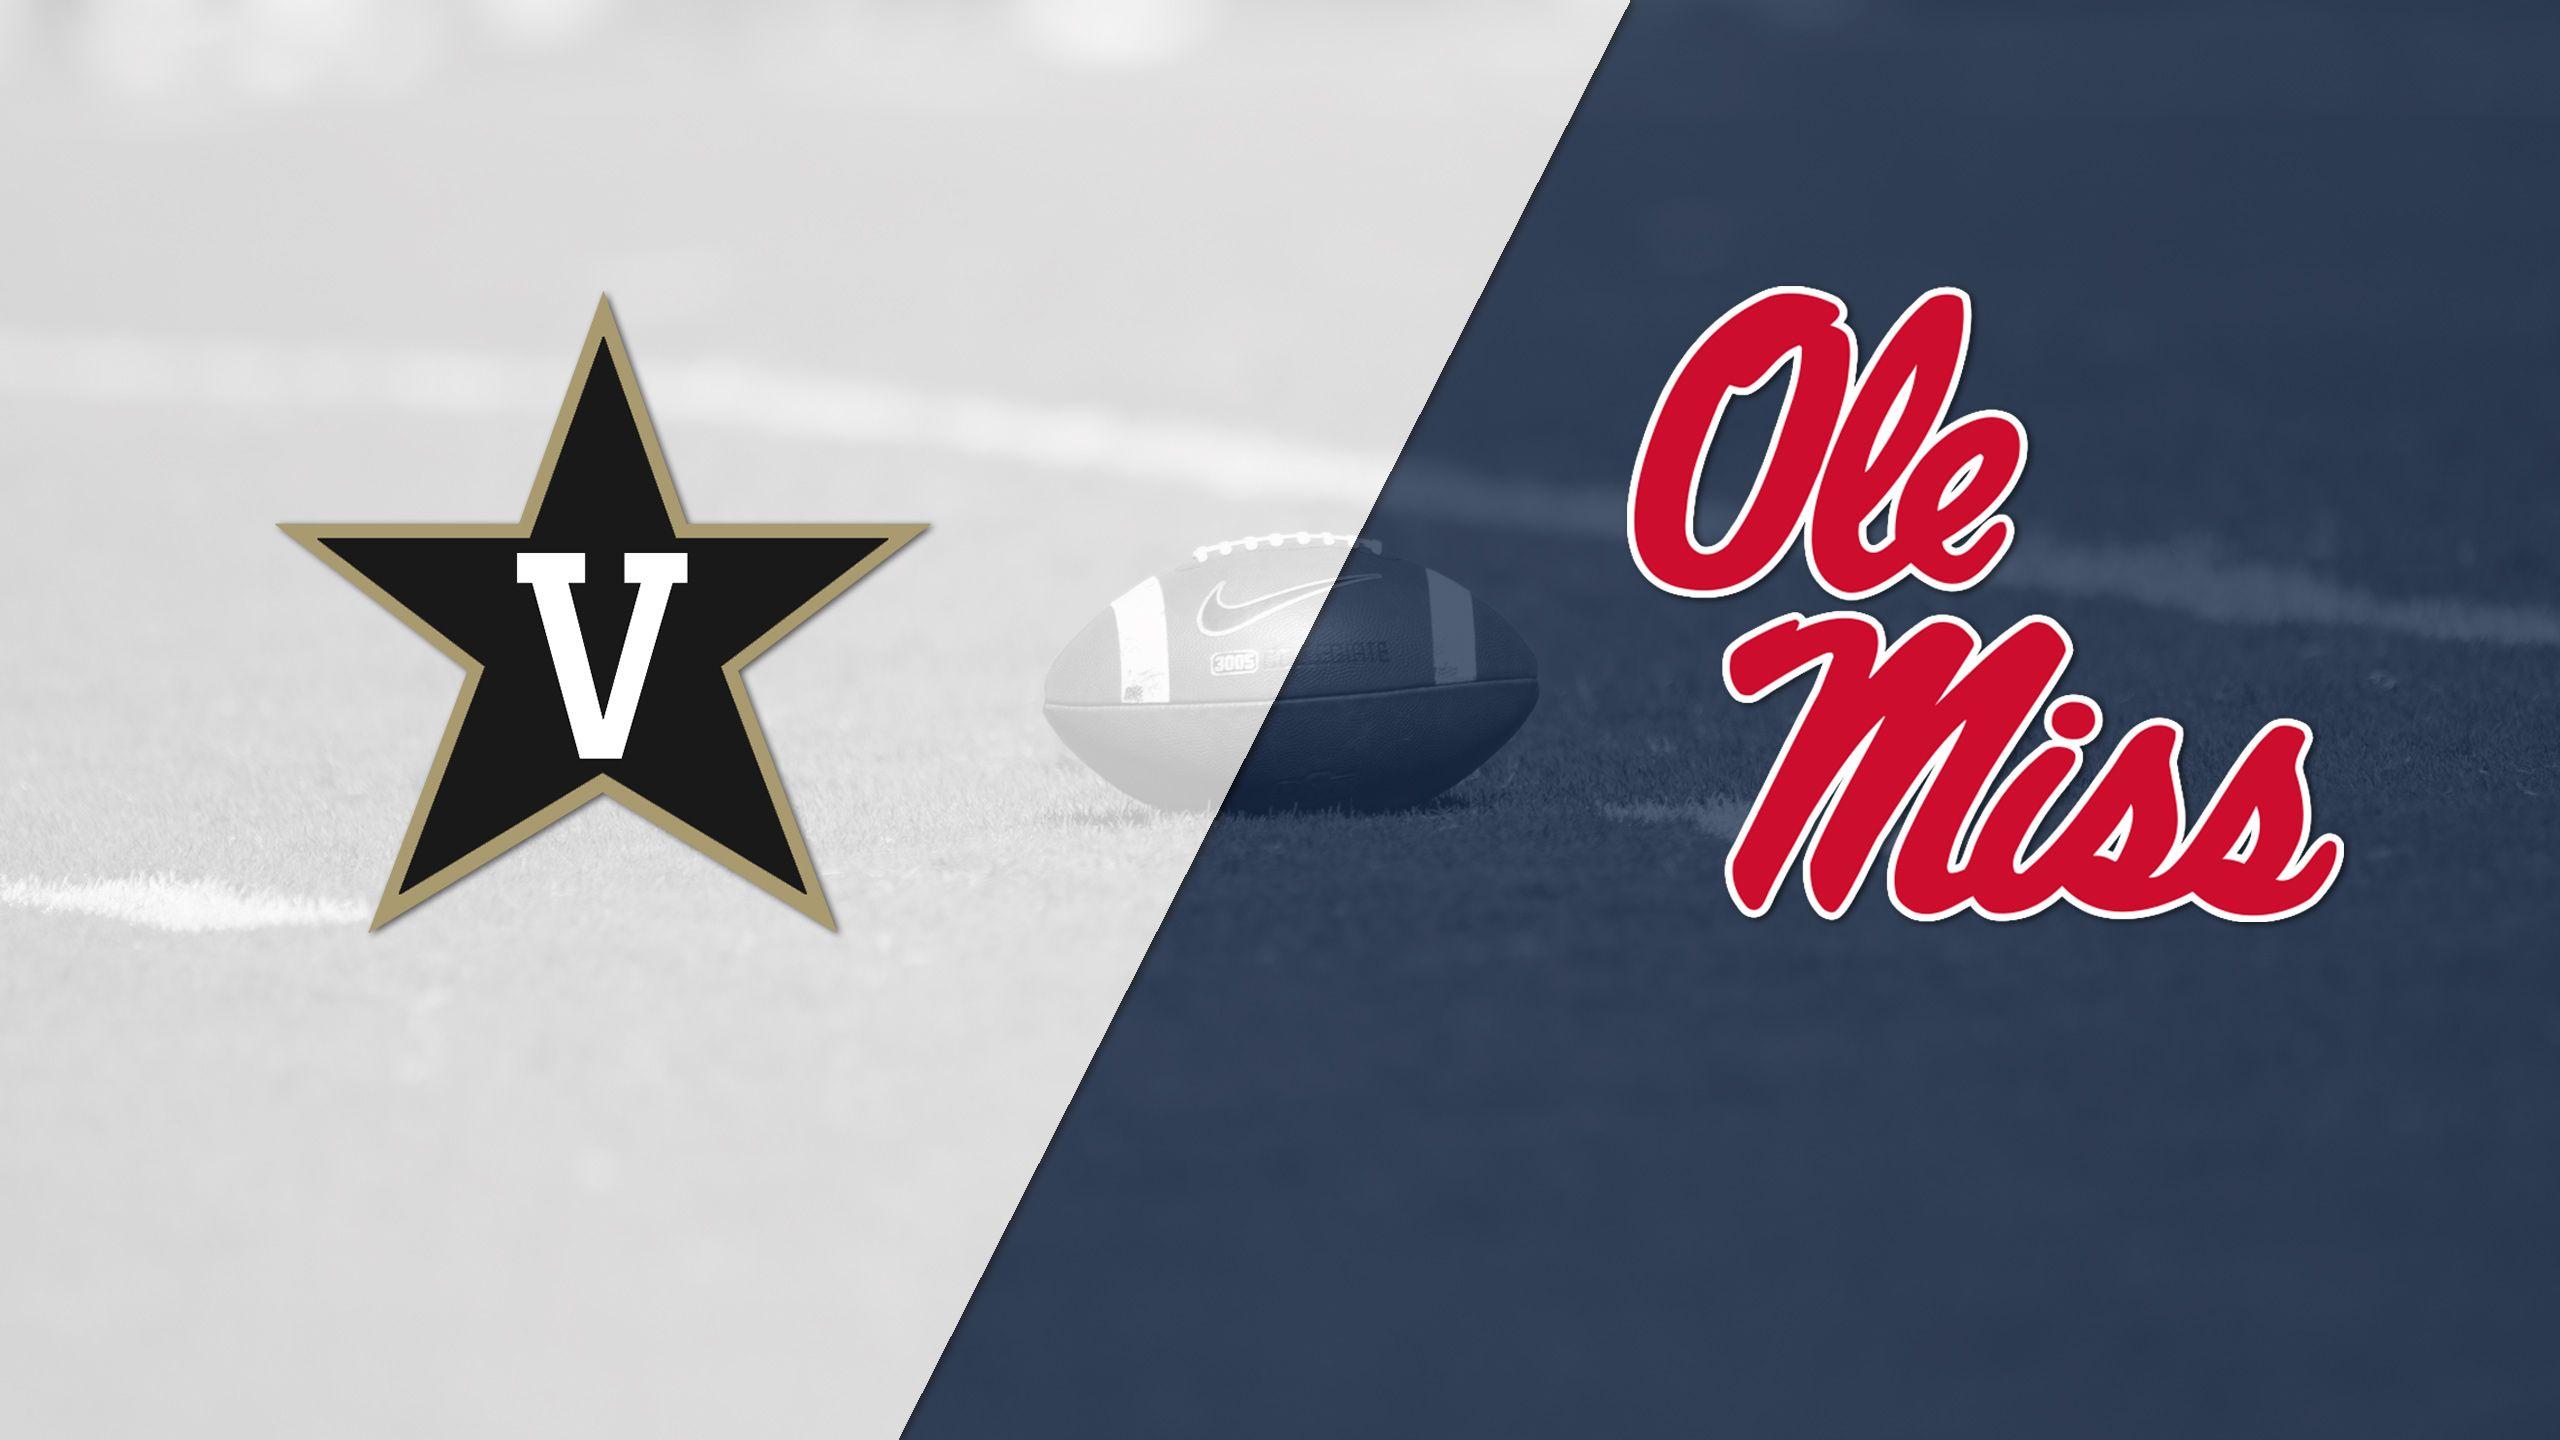 Vanderbilt vs. Ole Miss (Football)